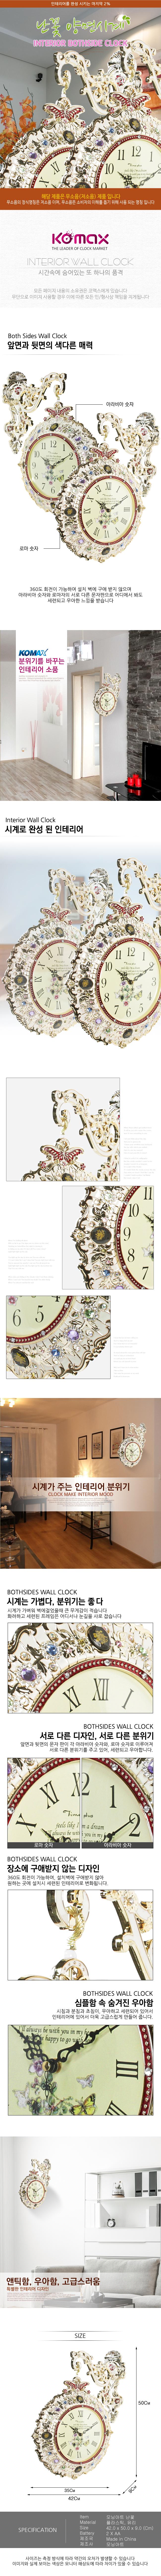 모닝아트 난꽃 무소음 양면벽시계 - 코맥스, 91,100원, 양면시계, 앤틱